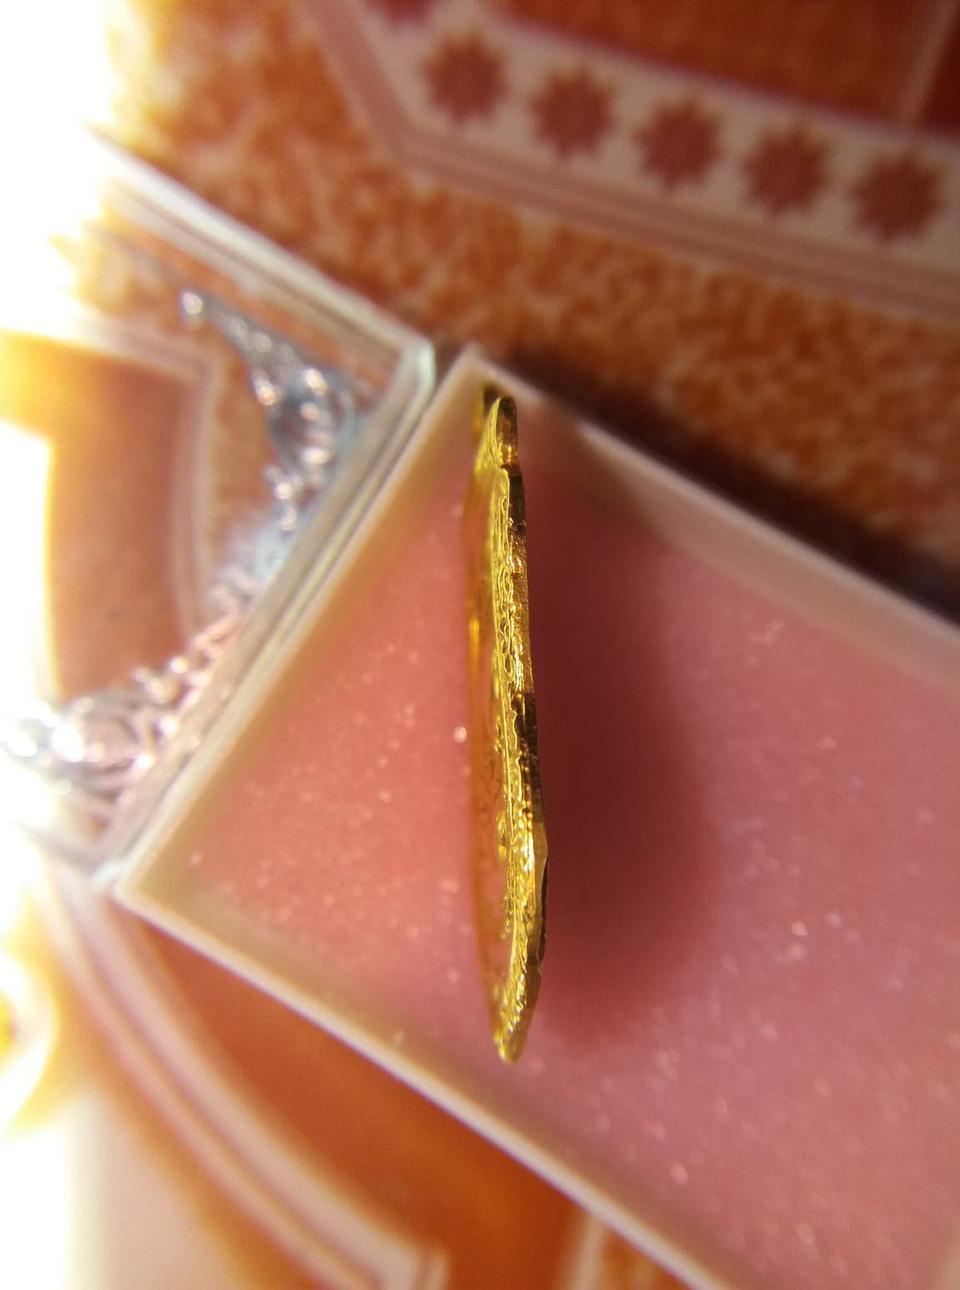 เหรียญเลื่อนสมณศักดิ์วัดช้างให้ปี 08 เนื้อทองคำแท้ สนใจทักมา รูปที่ 3